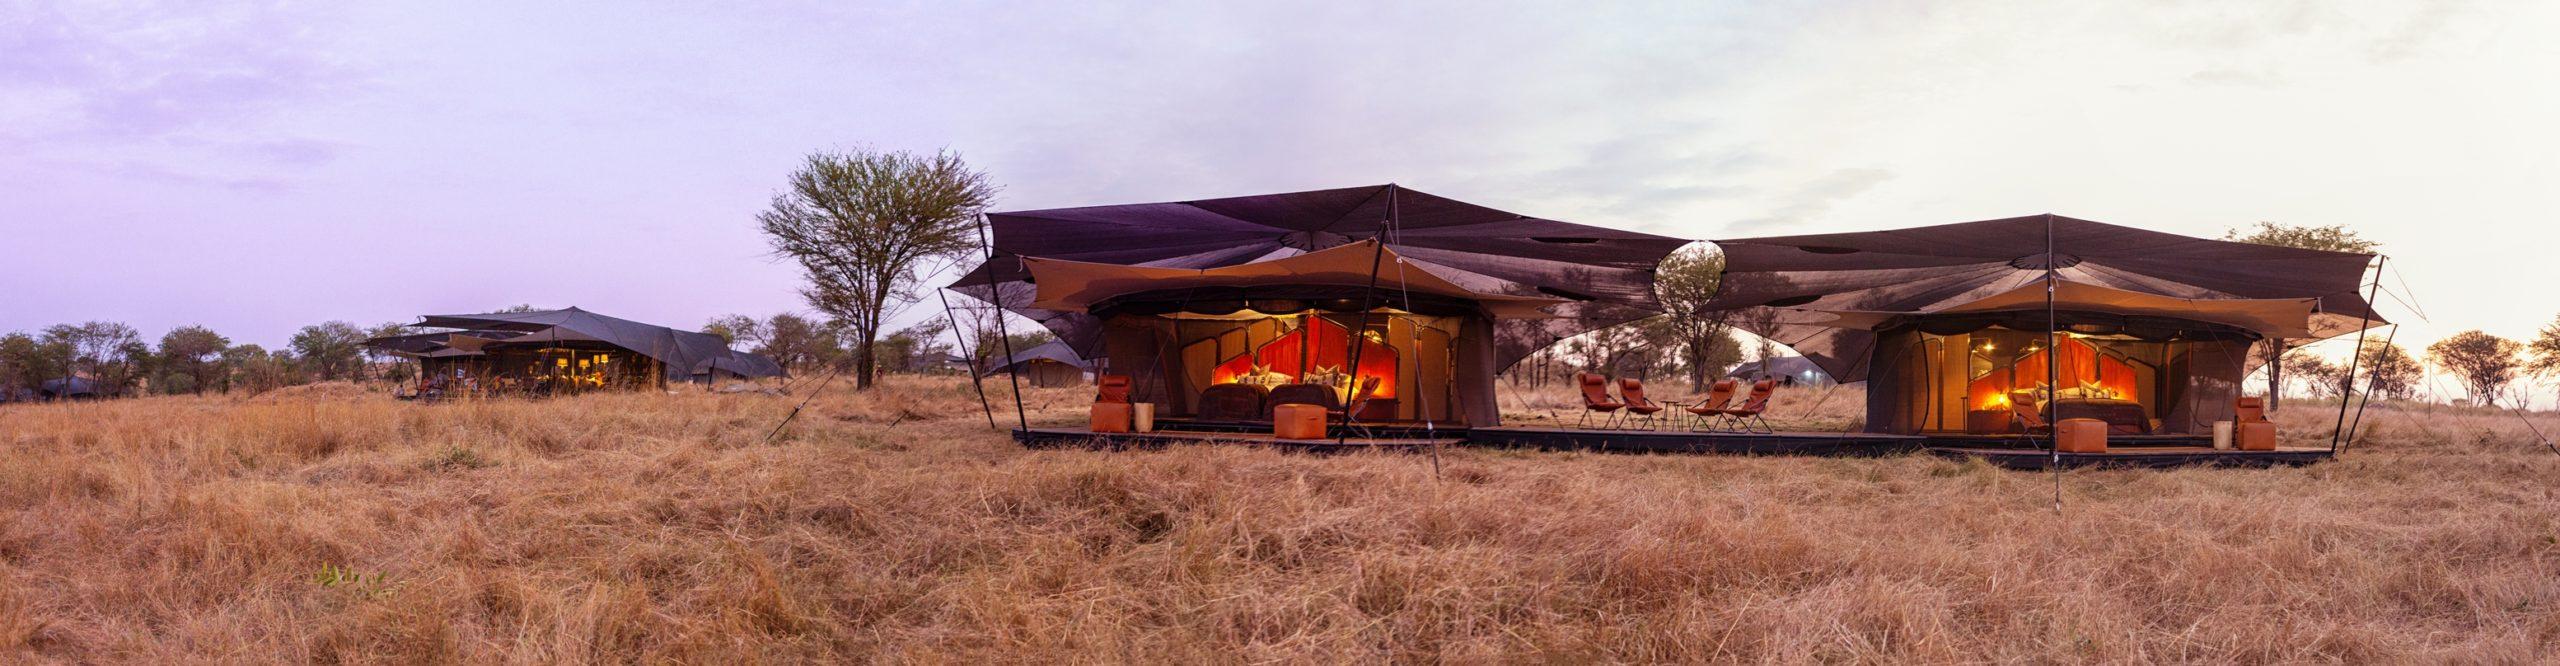 Siringit Migration Camp